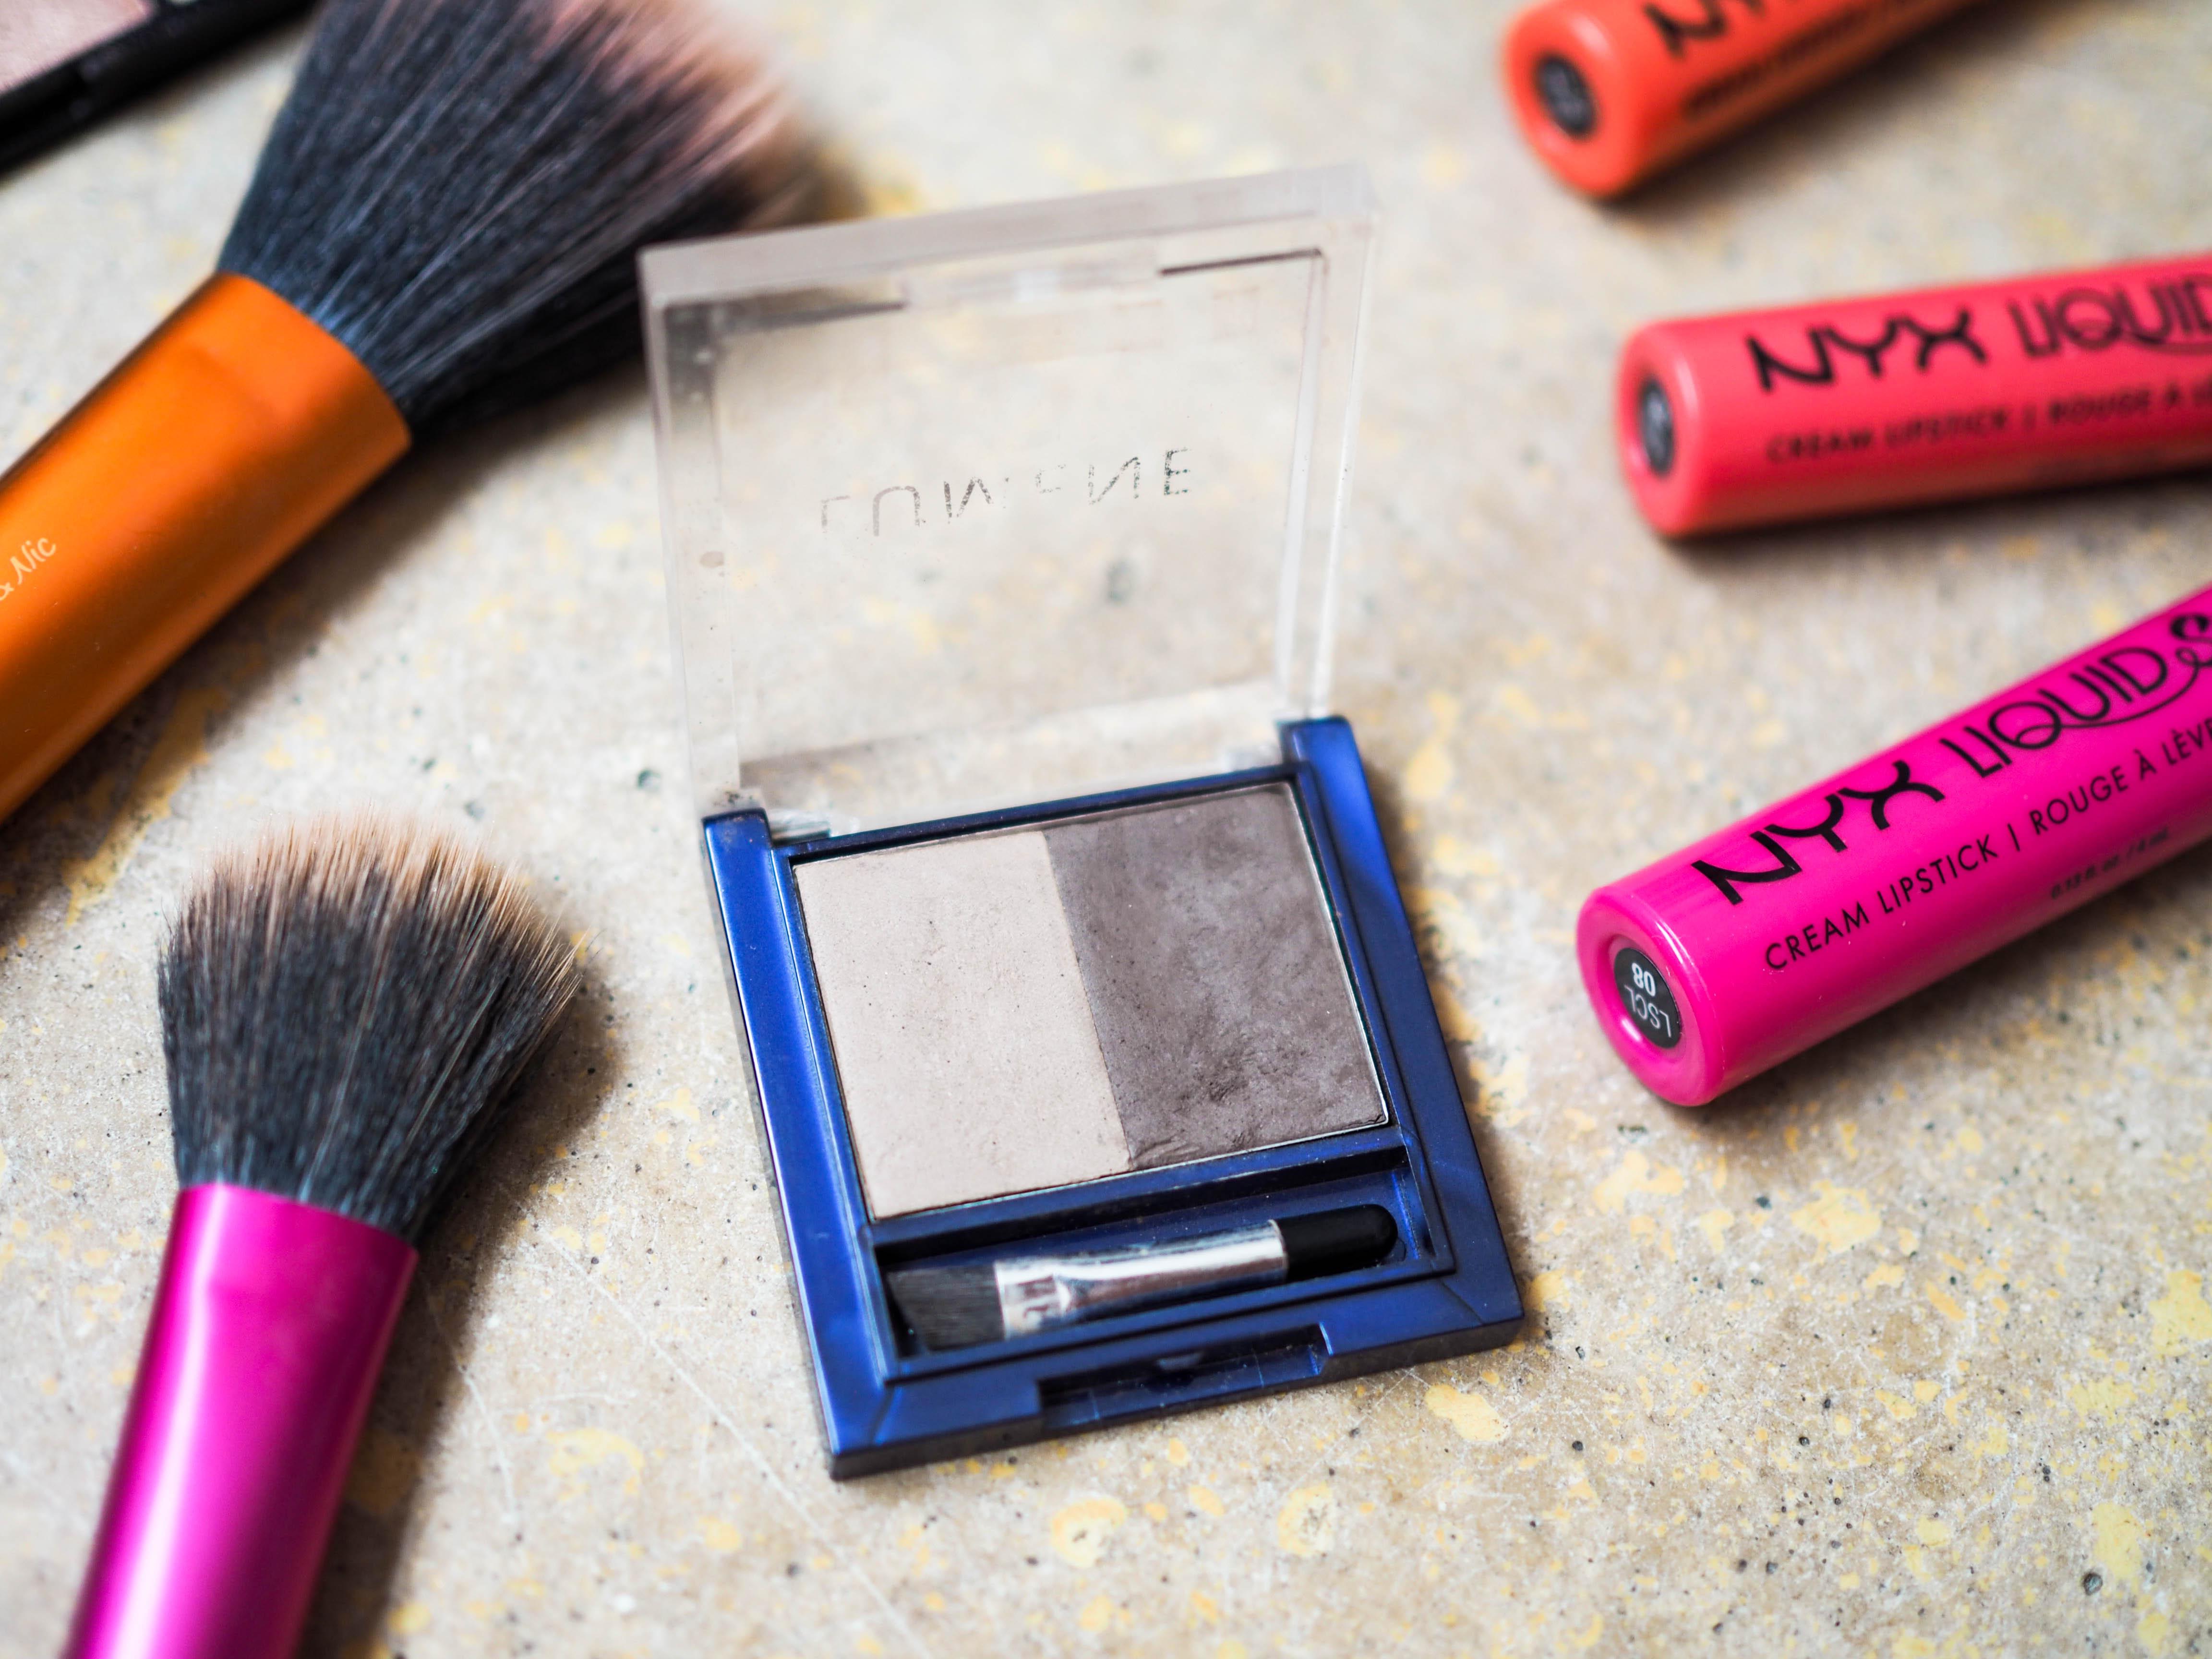 Blueberry Longwear Eyebrow Powder